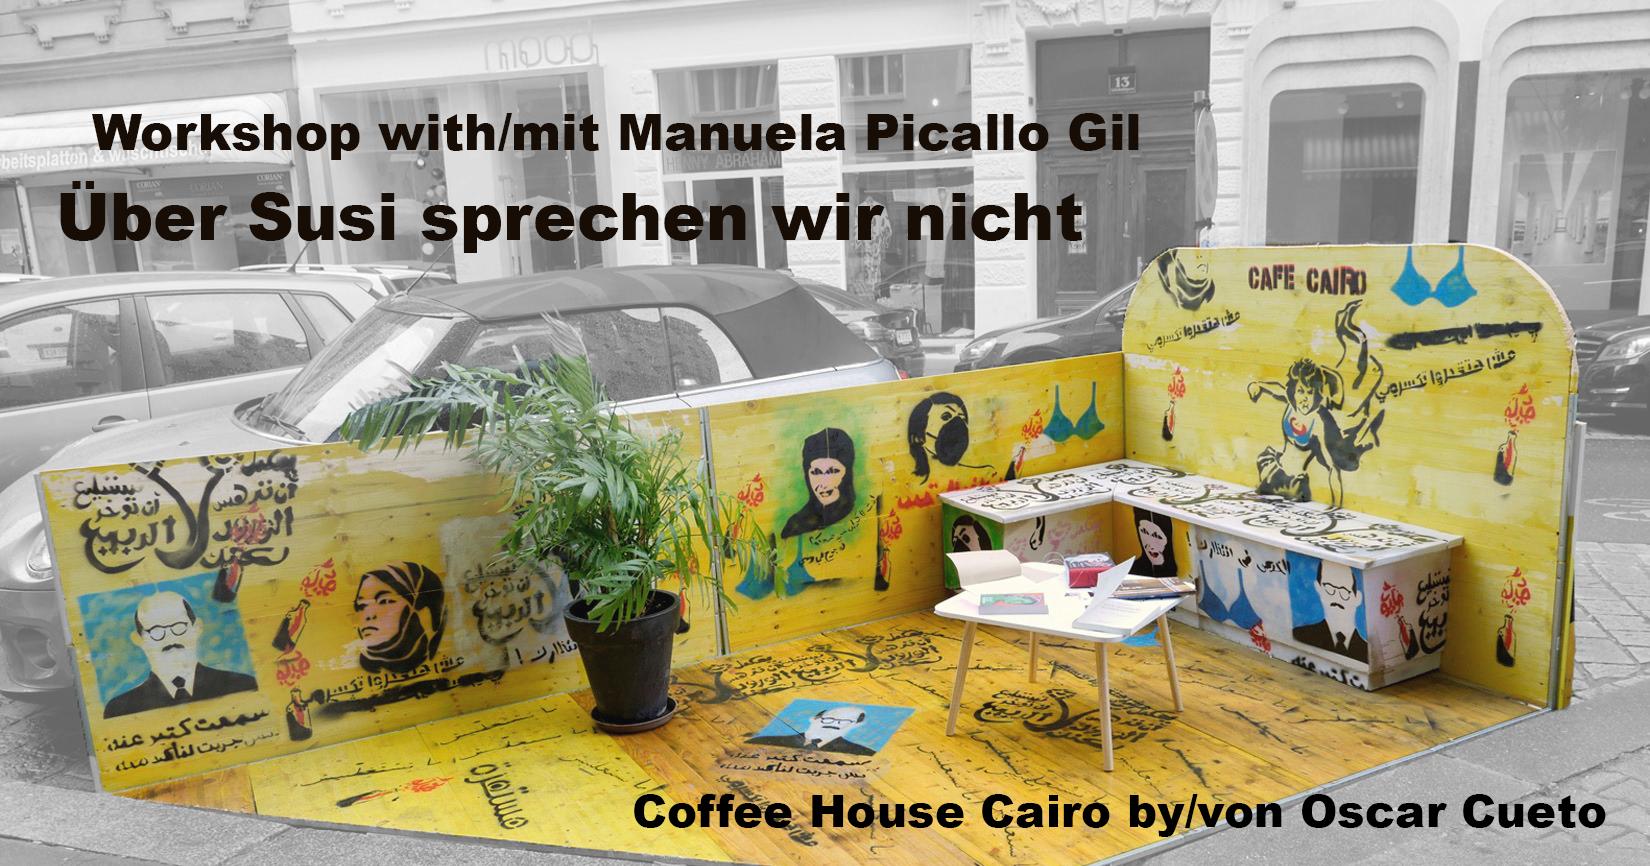 cafecairo_oscarcuetoWORKSHOP